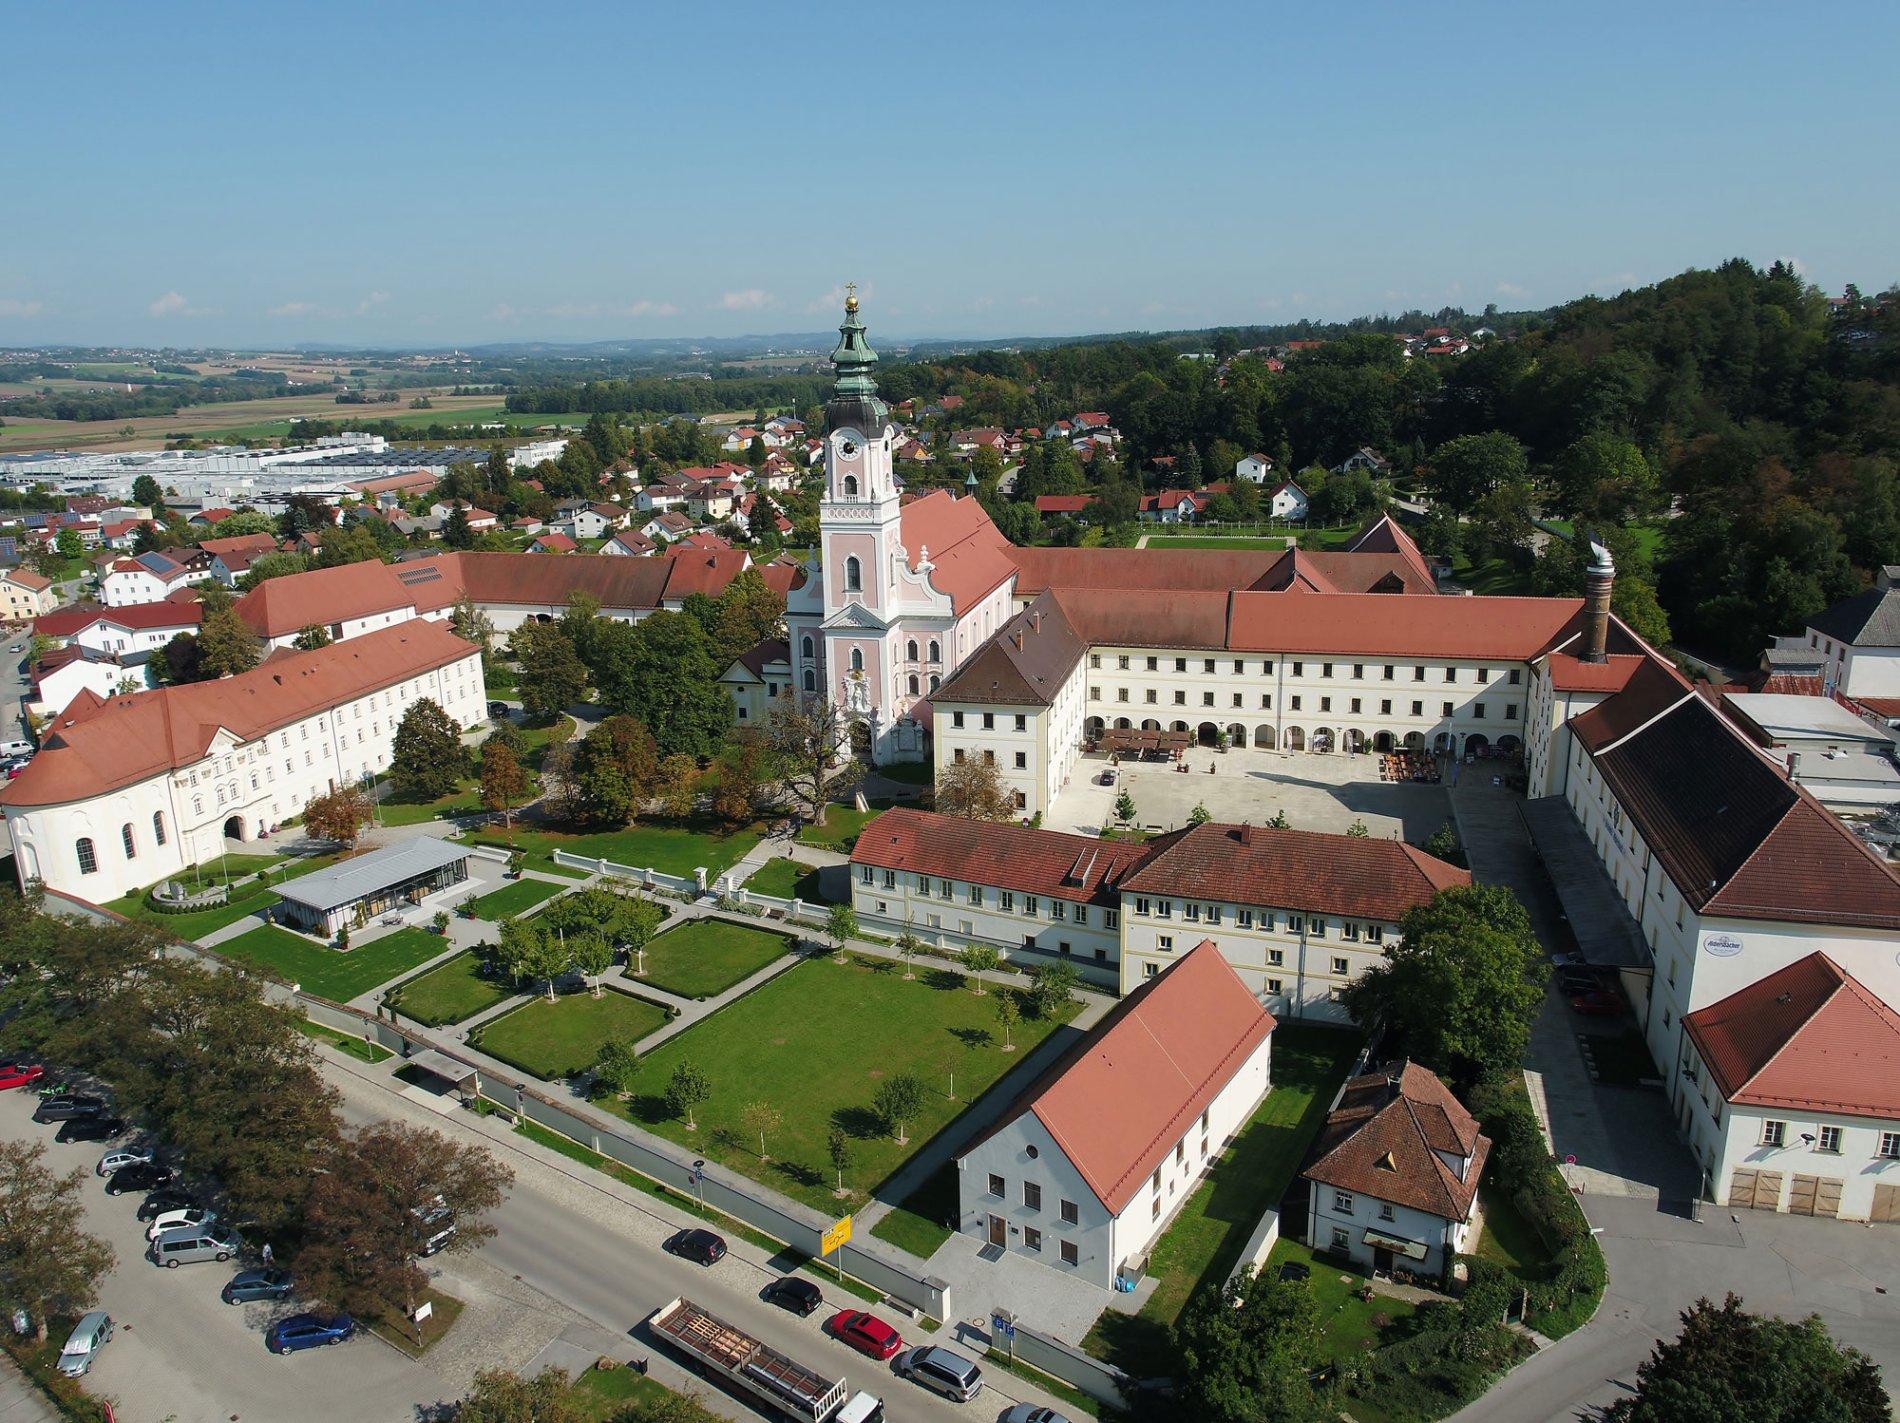 Das Aldersbacher Klosterareal mit der Asam-Kirche, einer der schönsten Marienkirchen Bayerns, der Brauerei sowie dem Barockgarten.